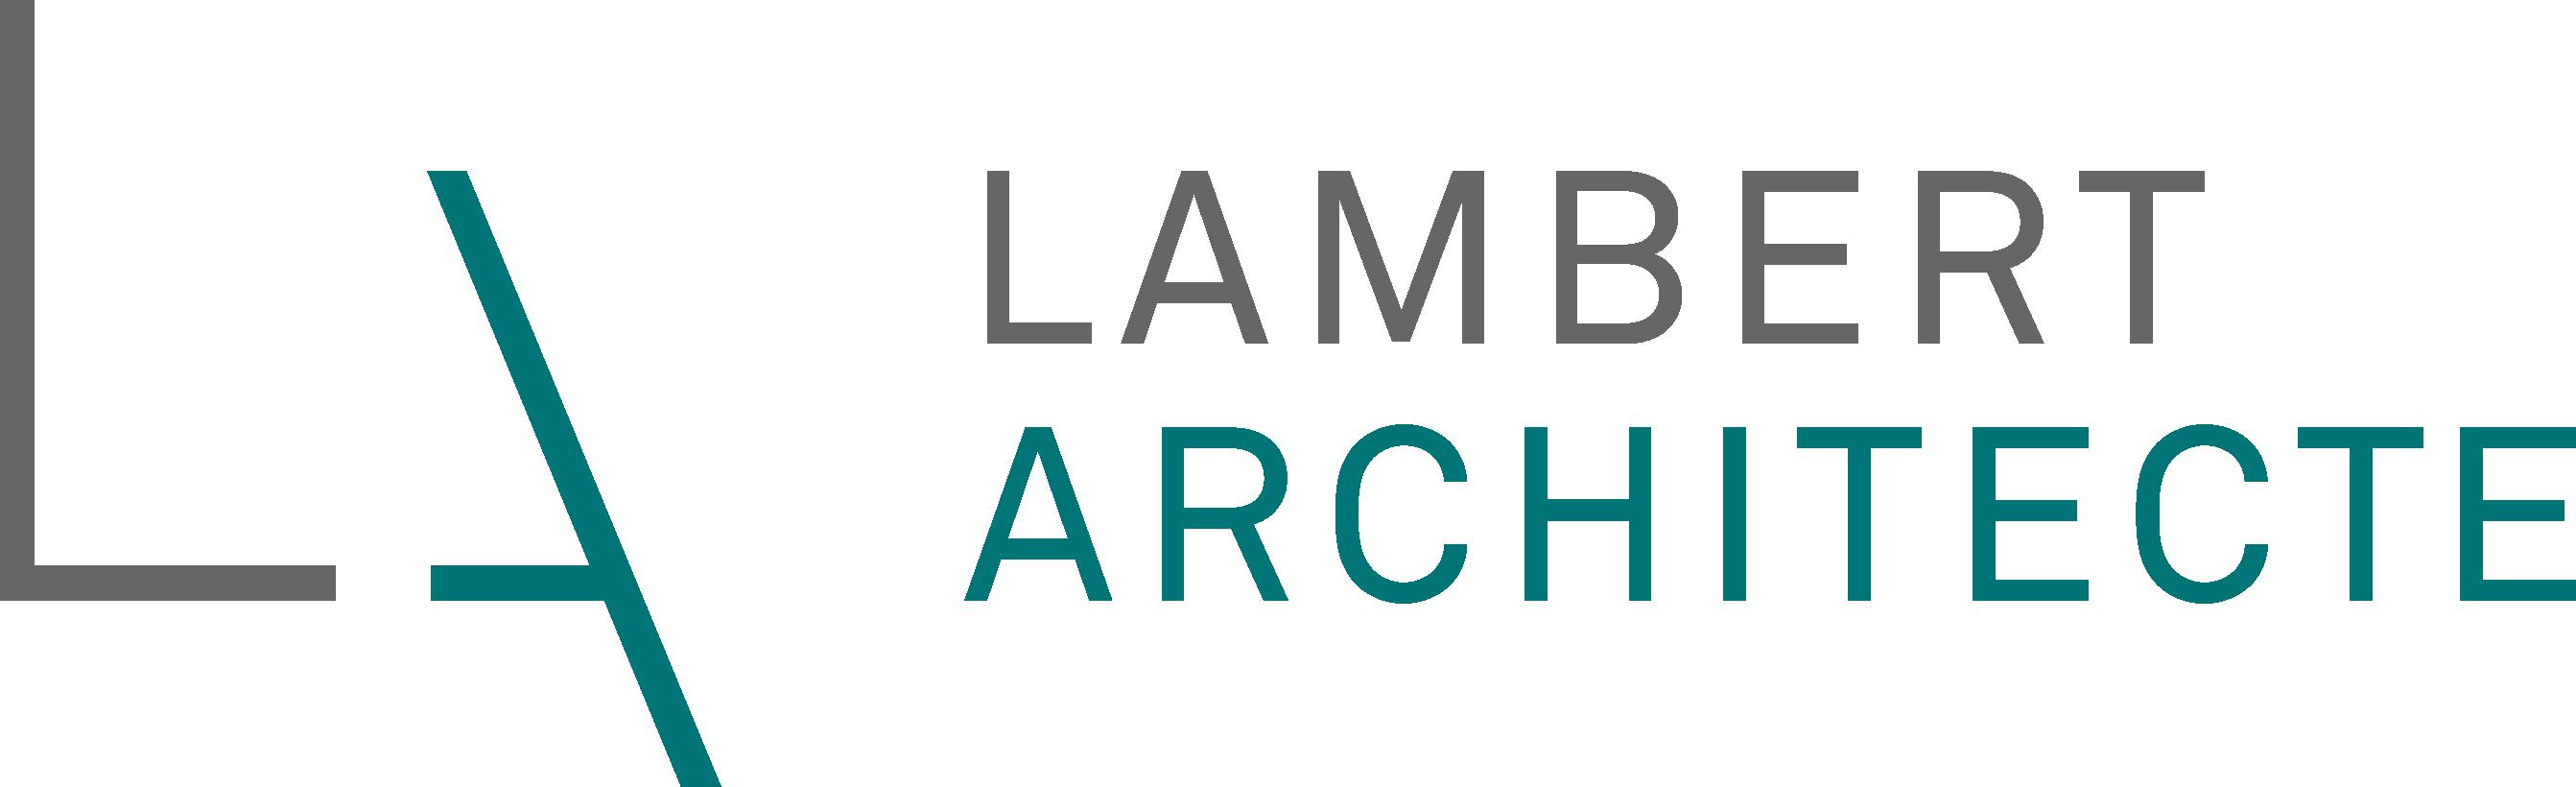 Fabrice Lambert Architecte